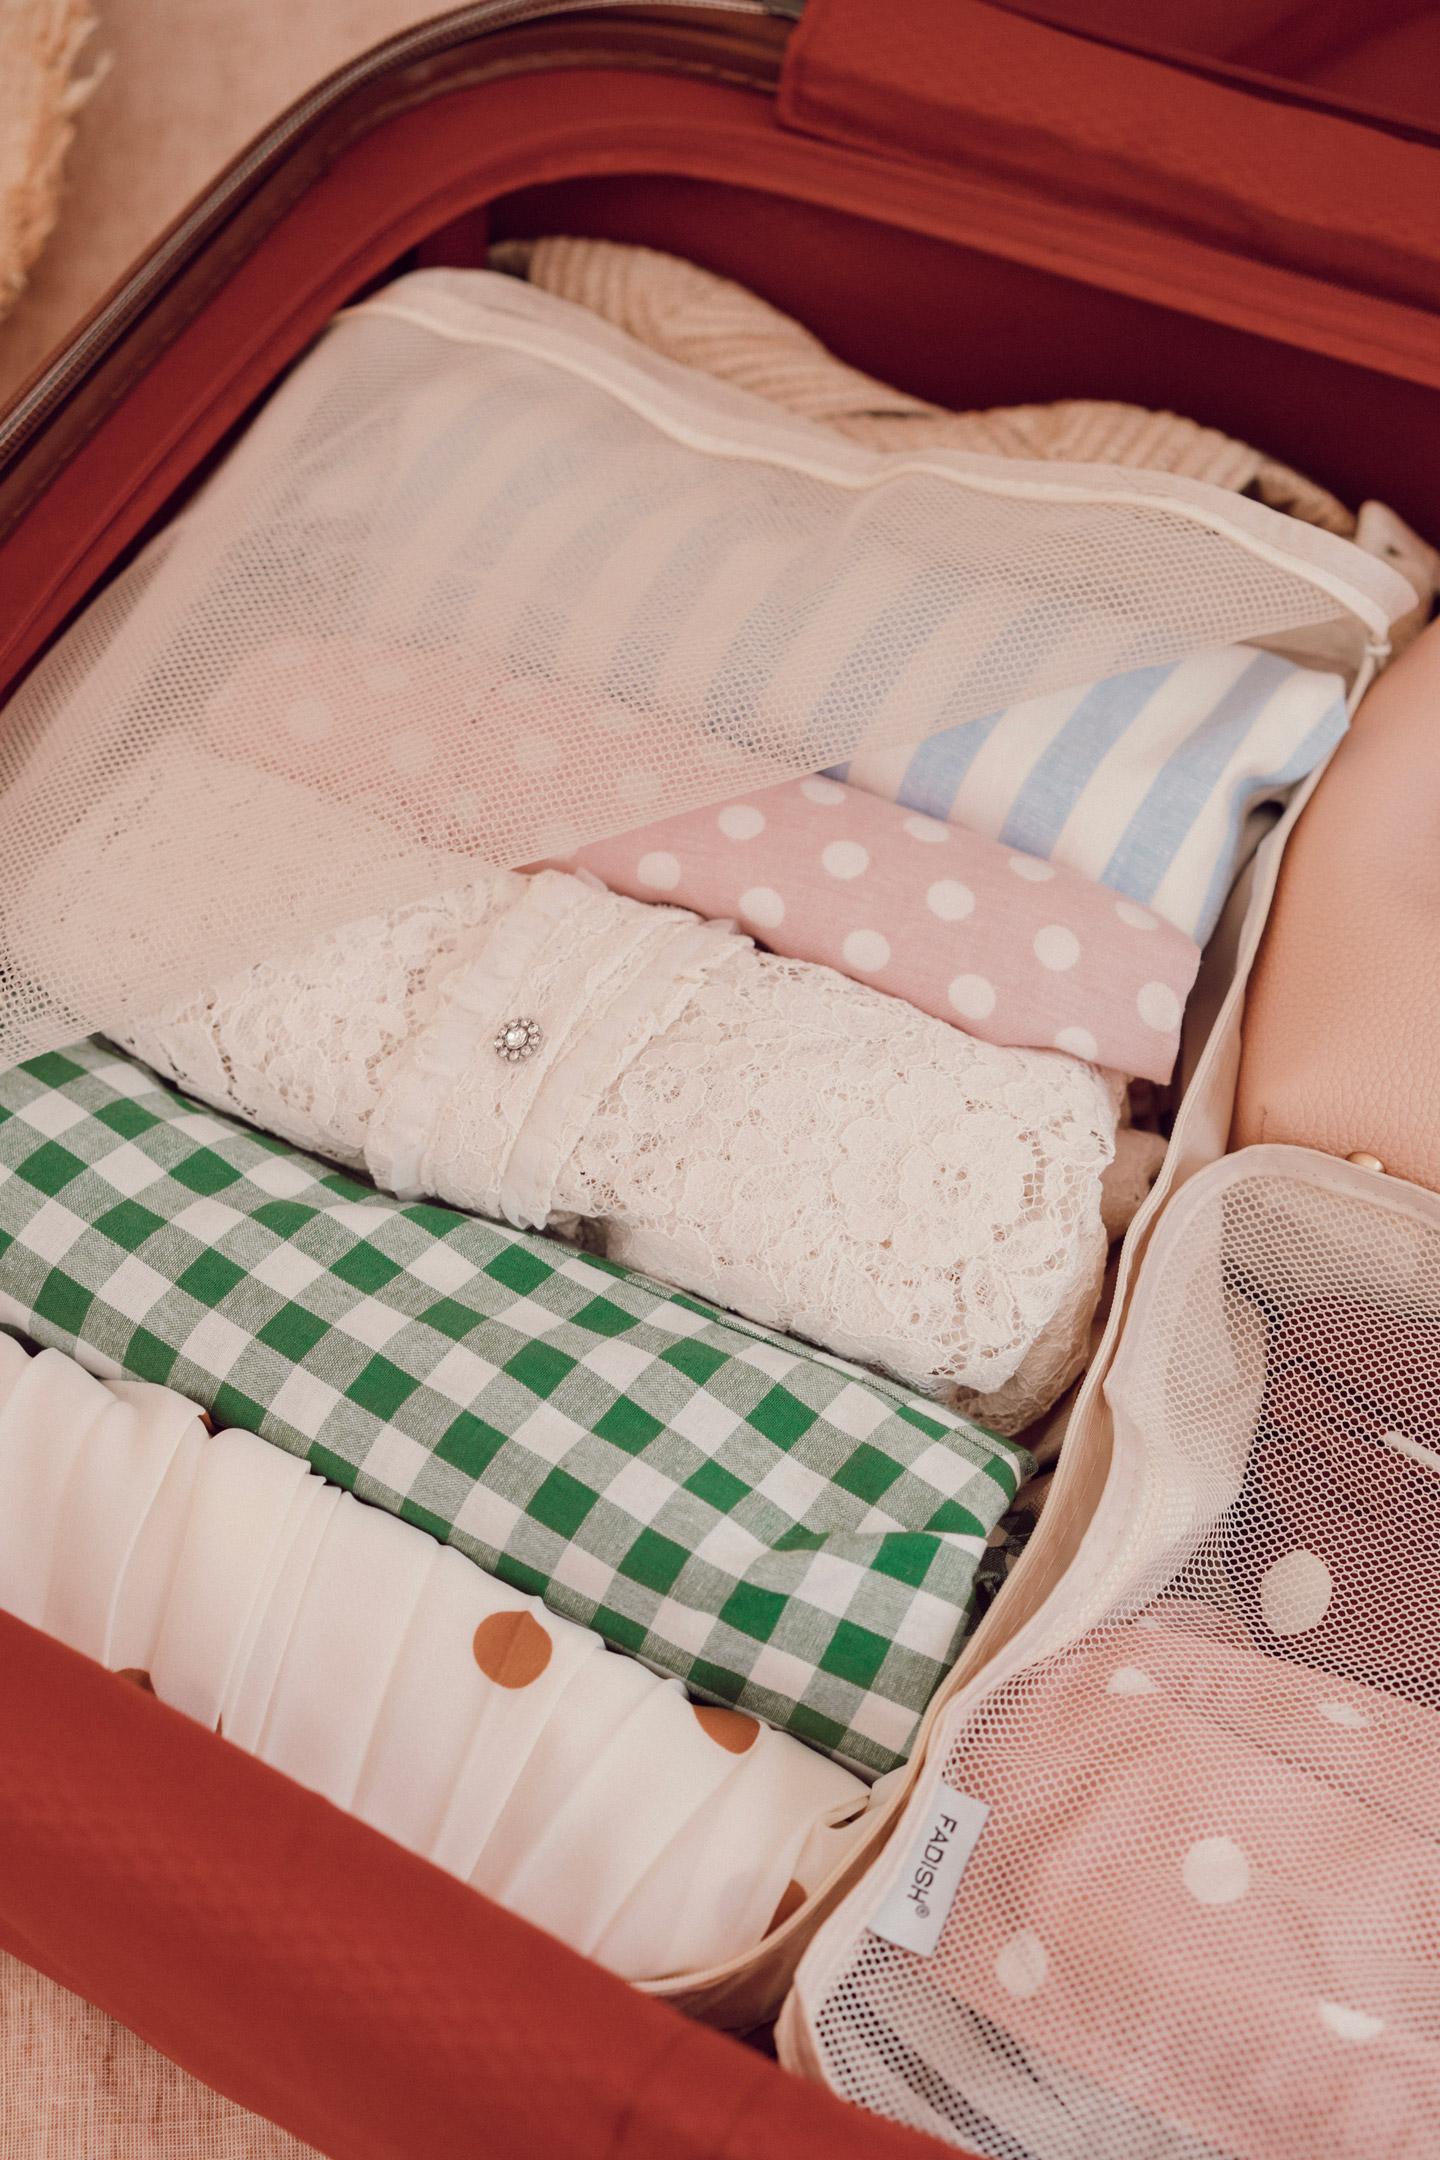 comment-bien-faire-ma-valise-11